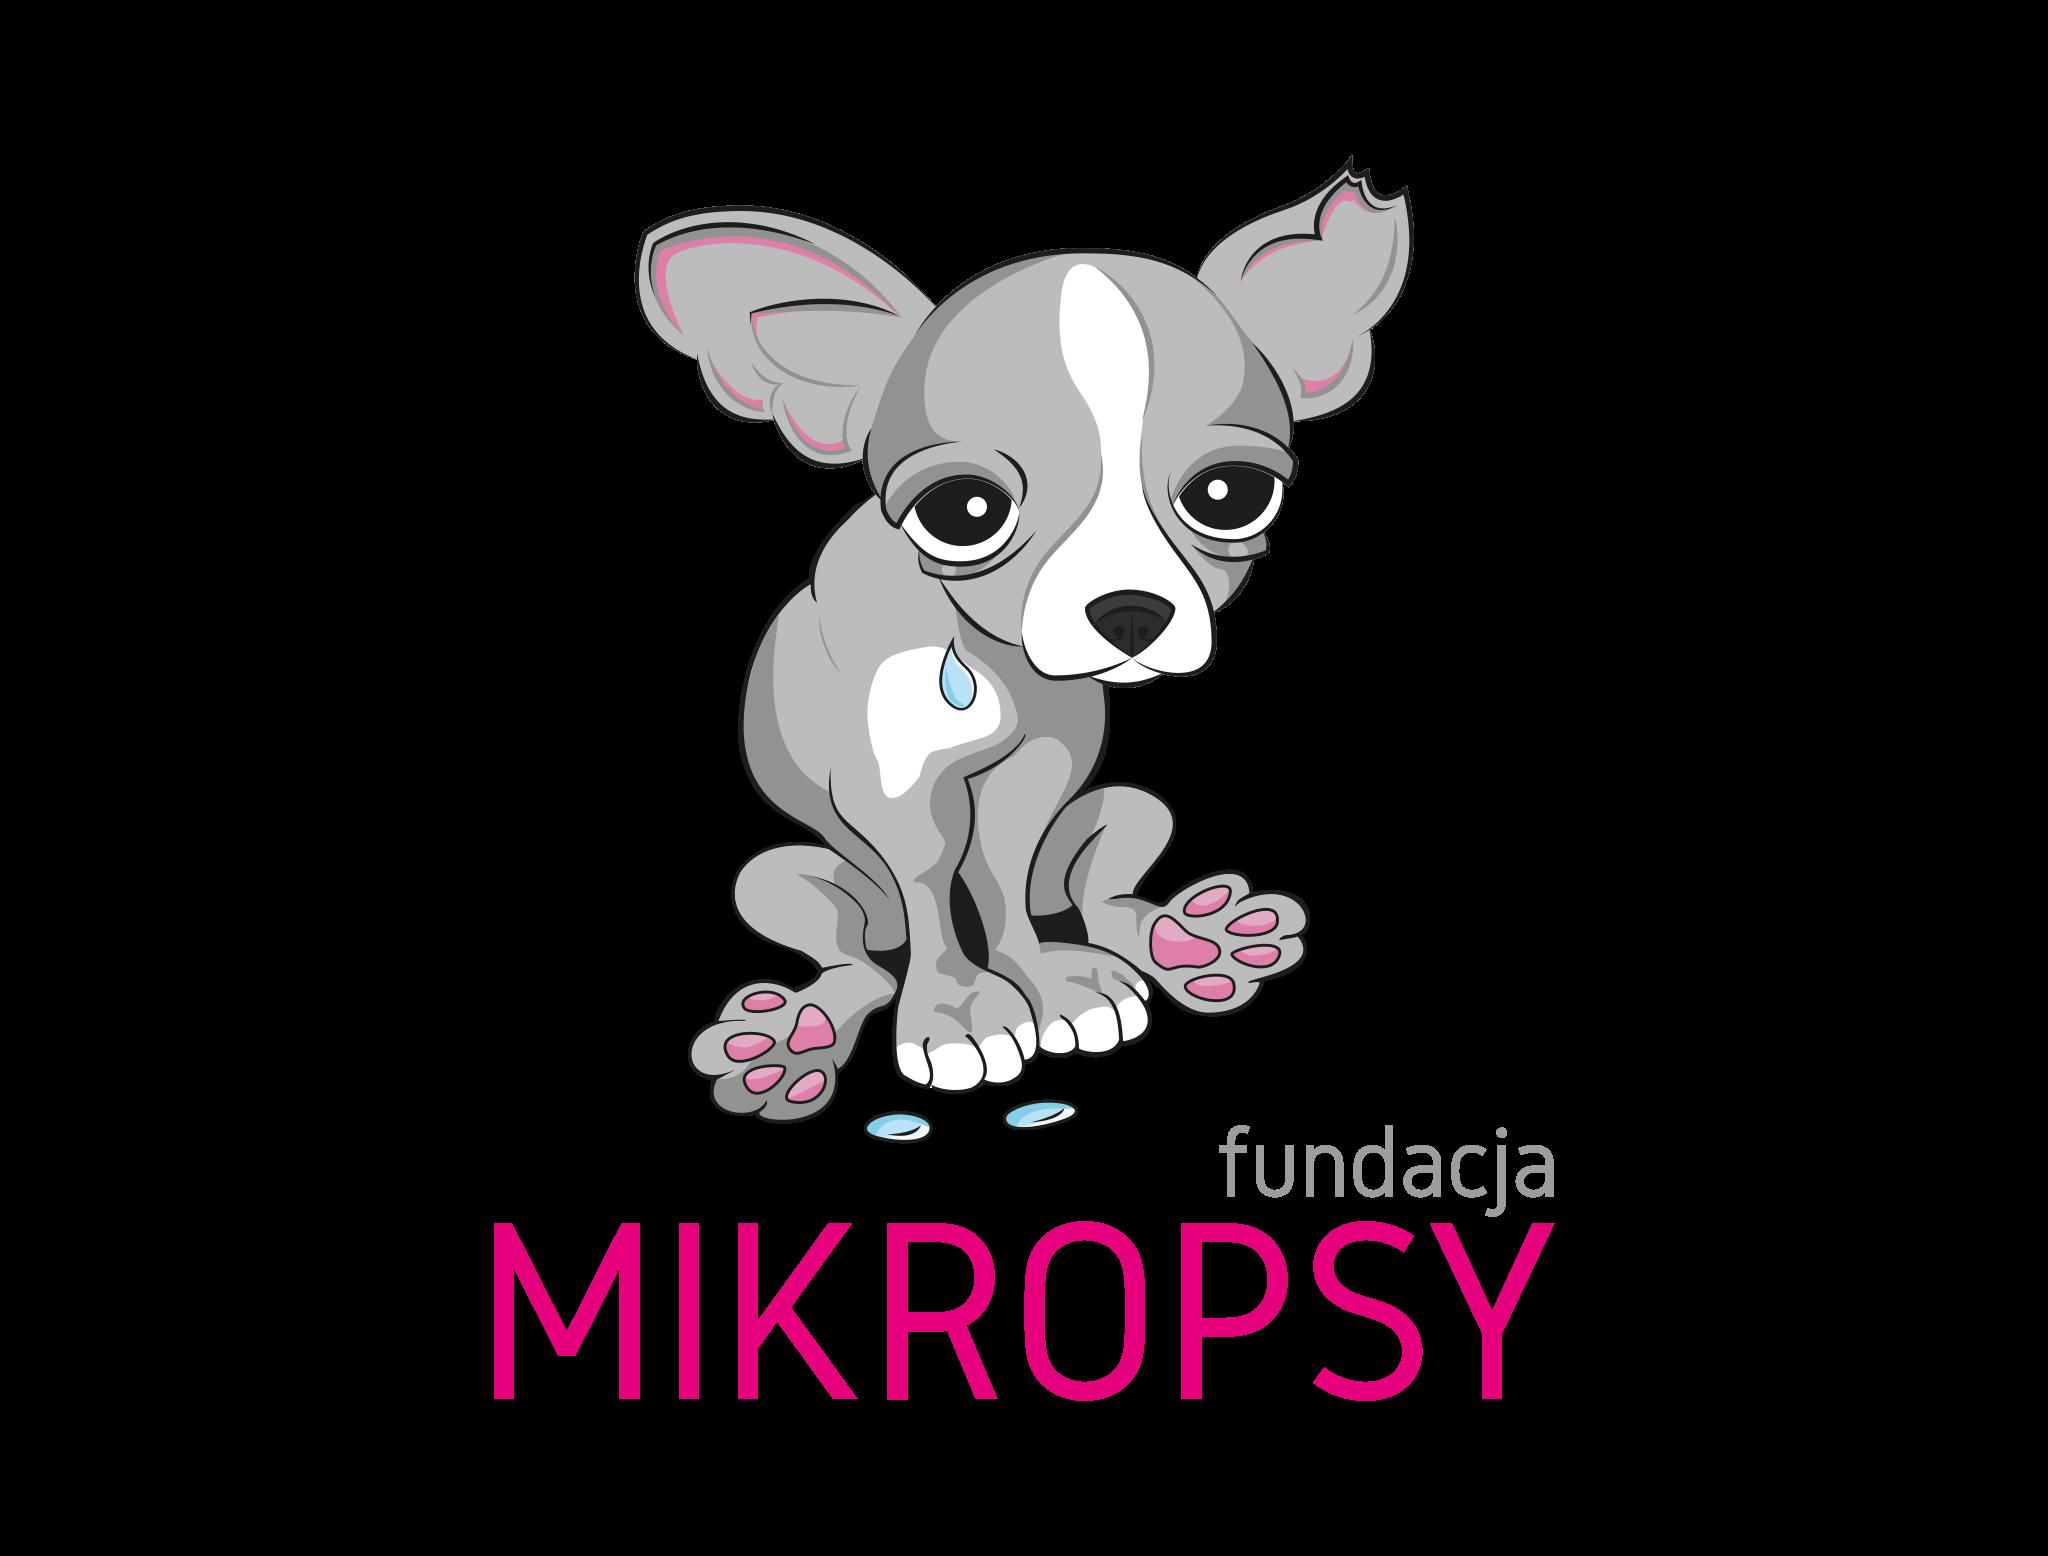 Fundacja Mikropsy